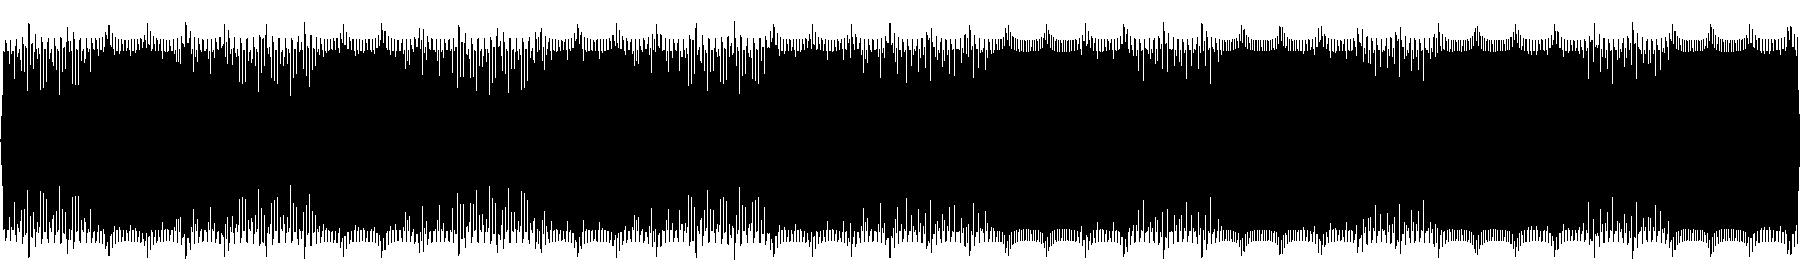 ehu basslp 125 048 d